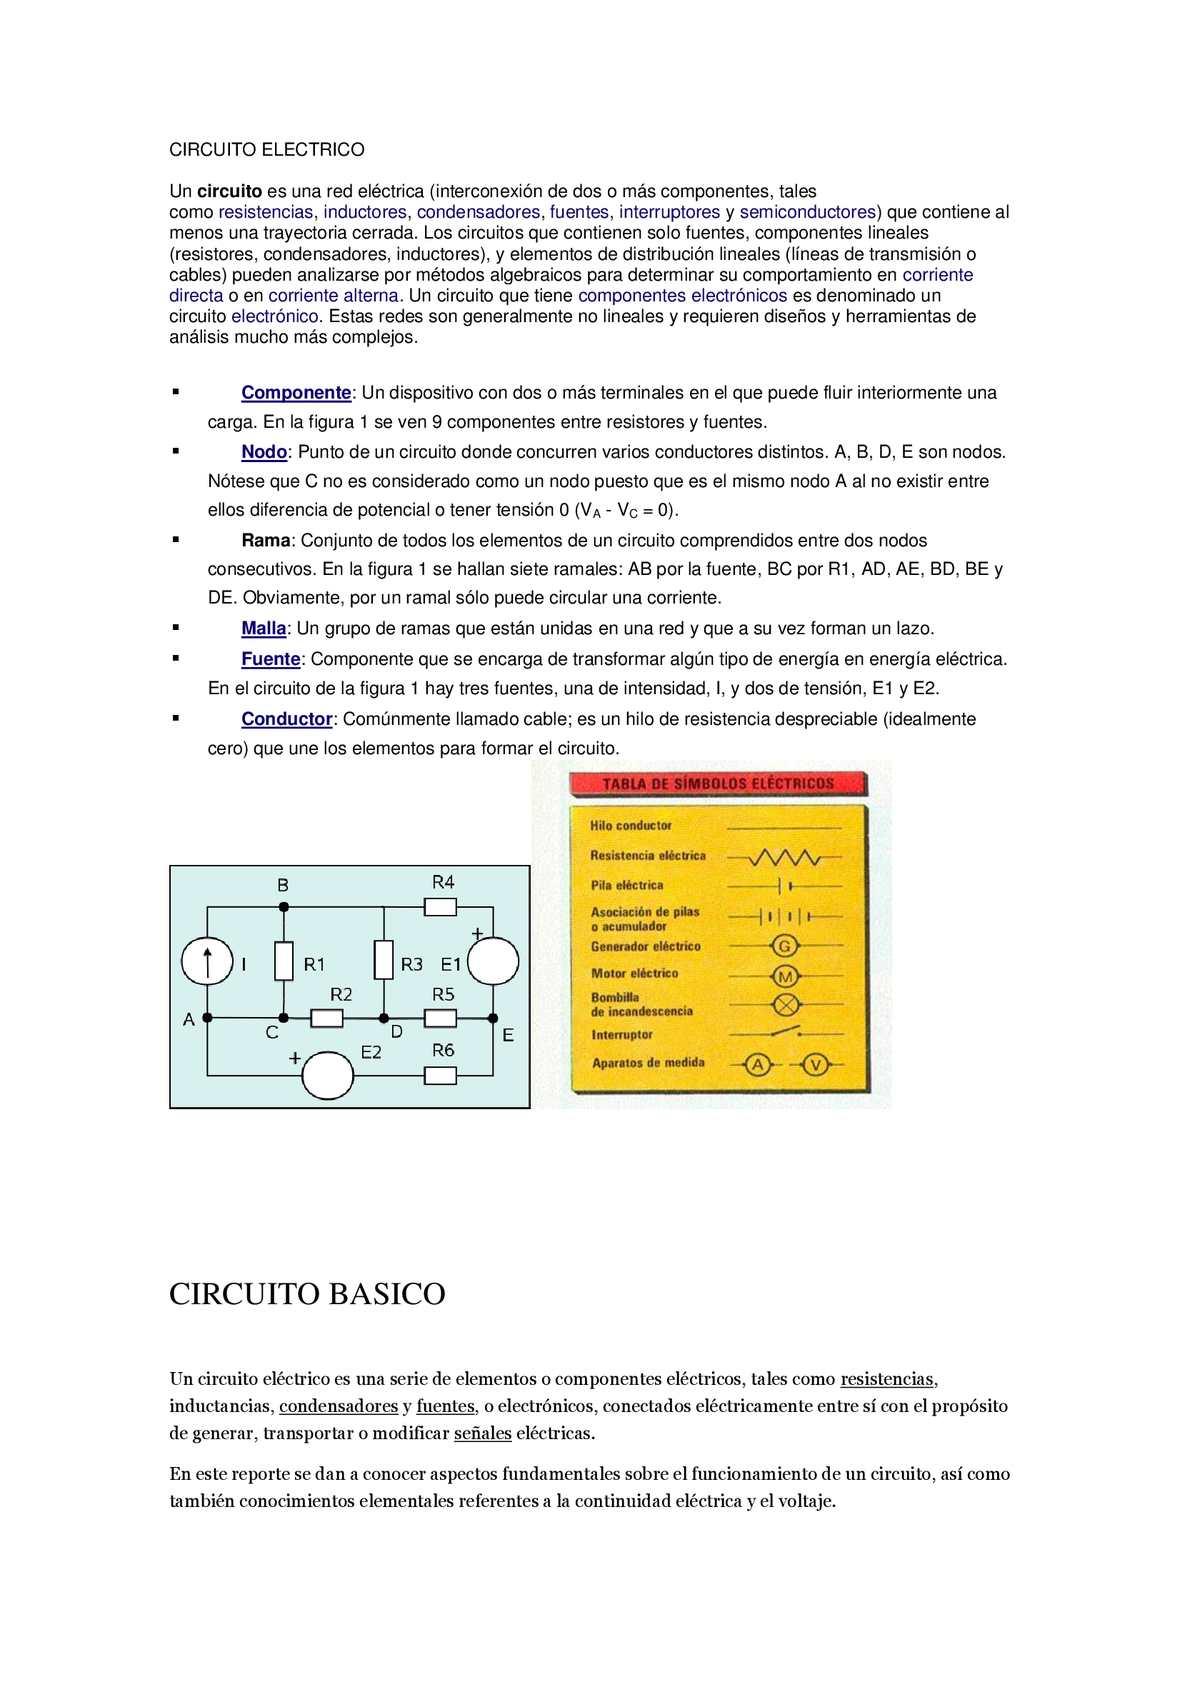 Circuito Basico Electrico : Calaméo circuitos electricos basicos